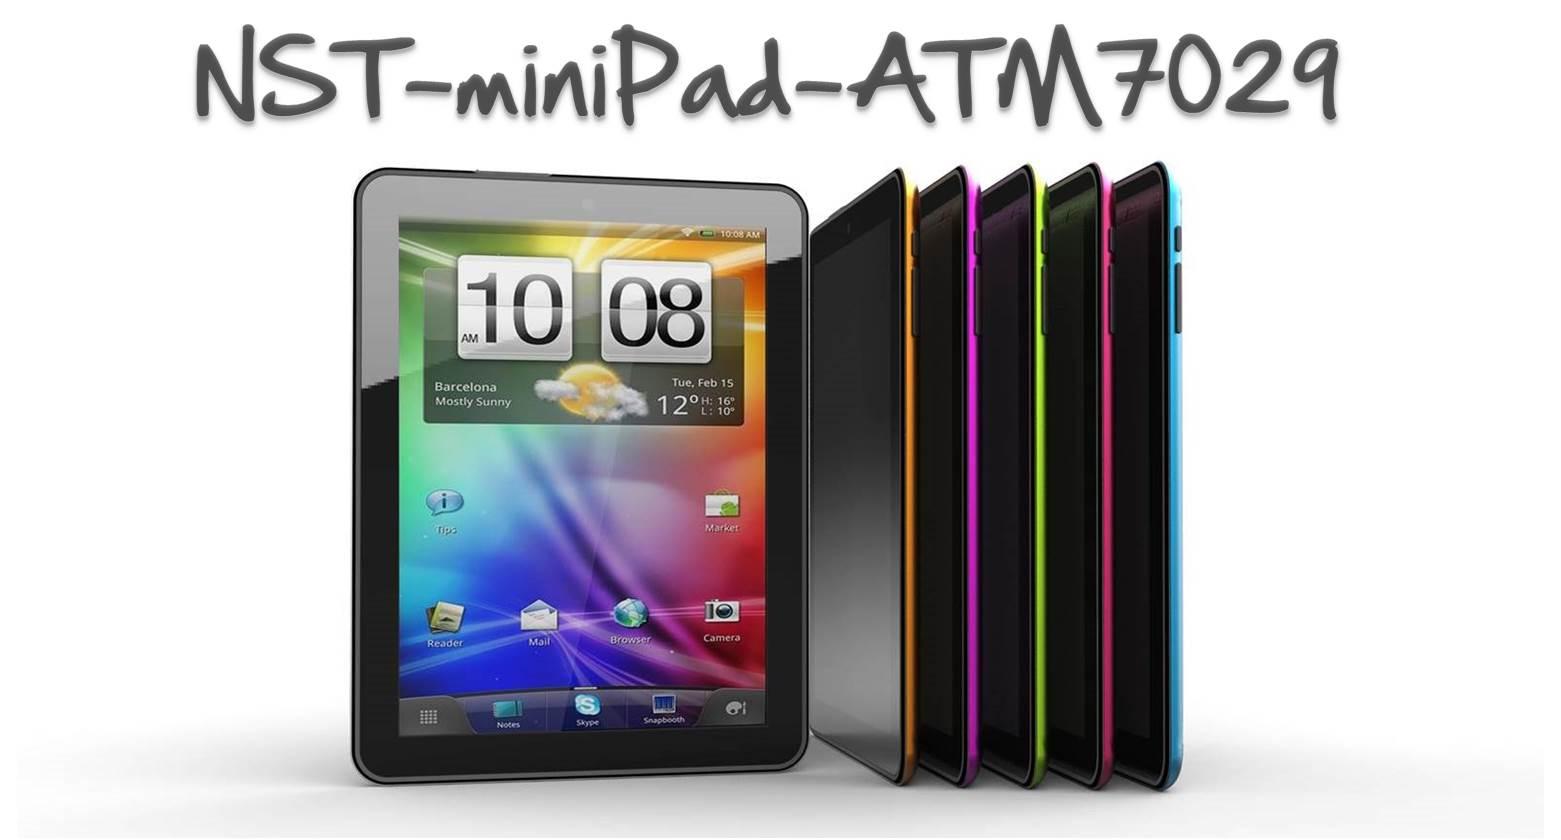 Προσφορά SaleTime - TABLET NST-8 - Ολοκαίνουργιο μοντέλο Tablet NST-miniPad- 8 ιντσών- 8GB, με 4πύρηνο επεξεργαστή quad core, 4πύρηνη κάρτα γραφικών, Android OS 4.1.1 και...